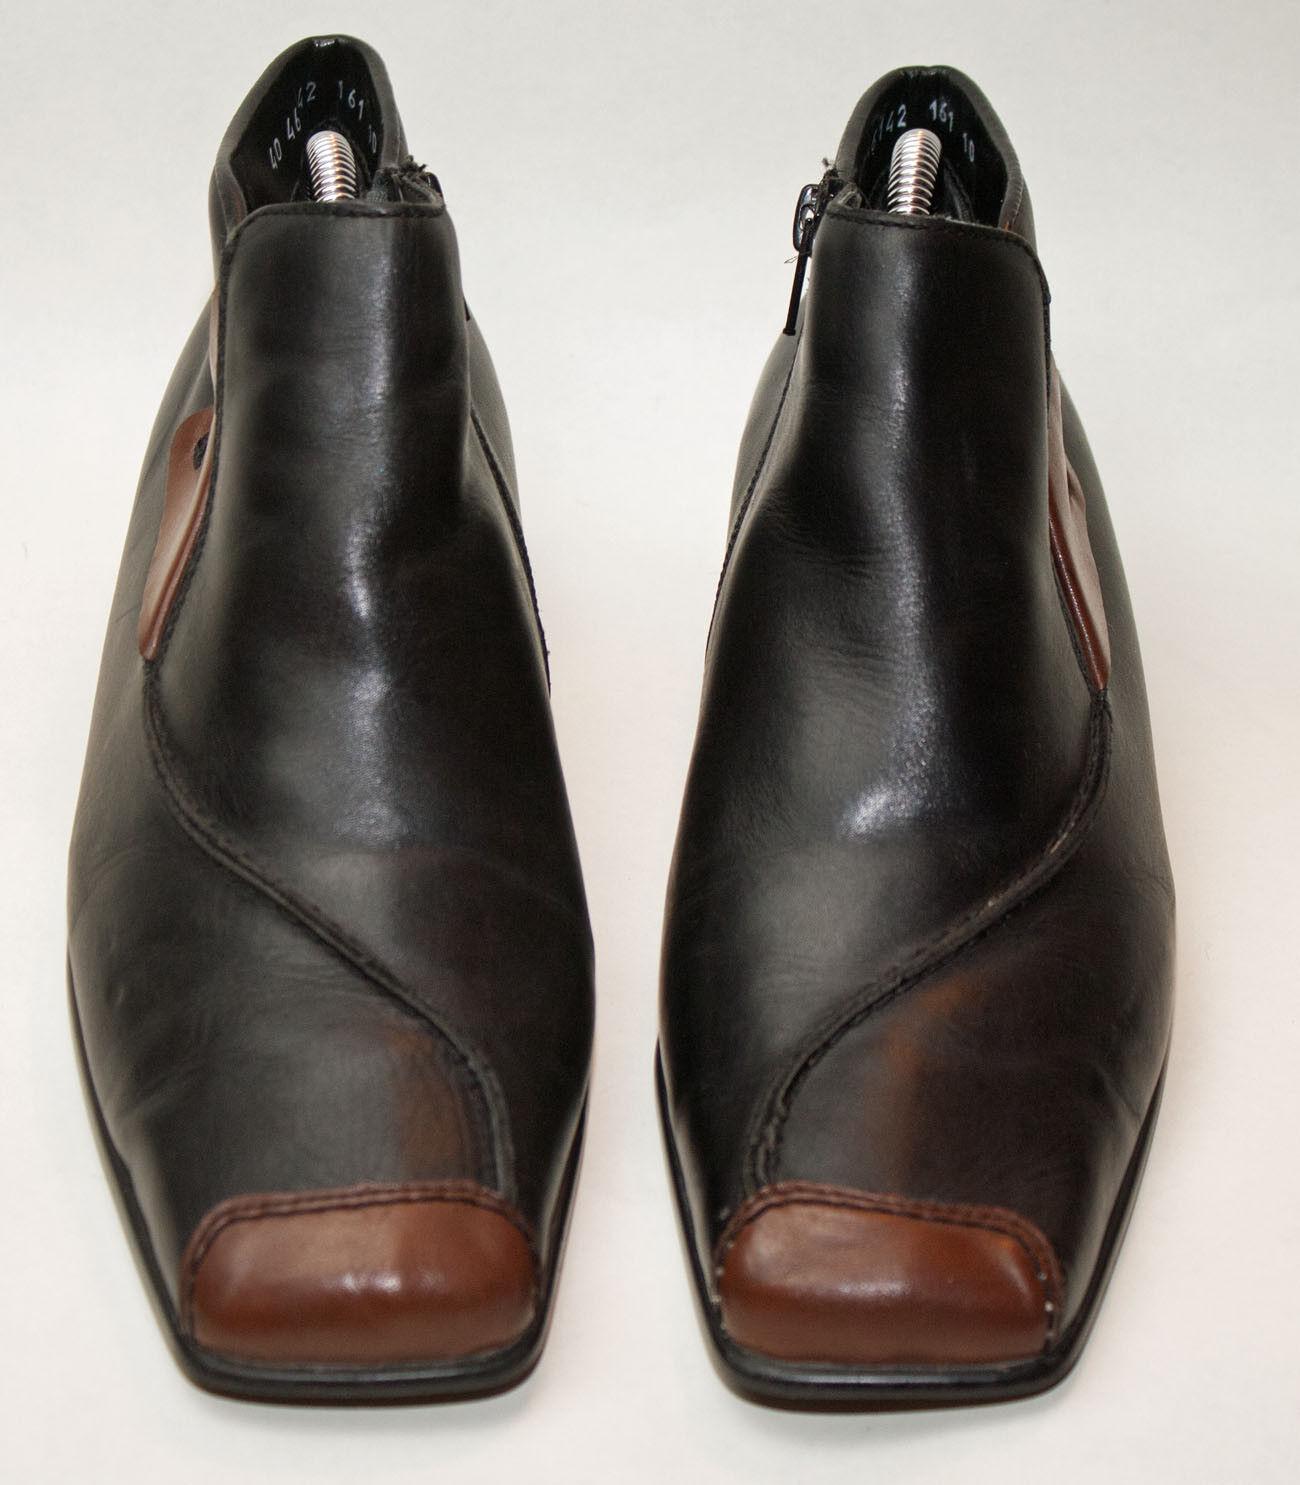 RIEKER  ♥ STIEFELETTEN  ♥ Schuhe  ♥ Gr. 40  ♥ TOP  ♥  Leder ♥  gefüttert ♥